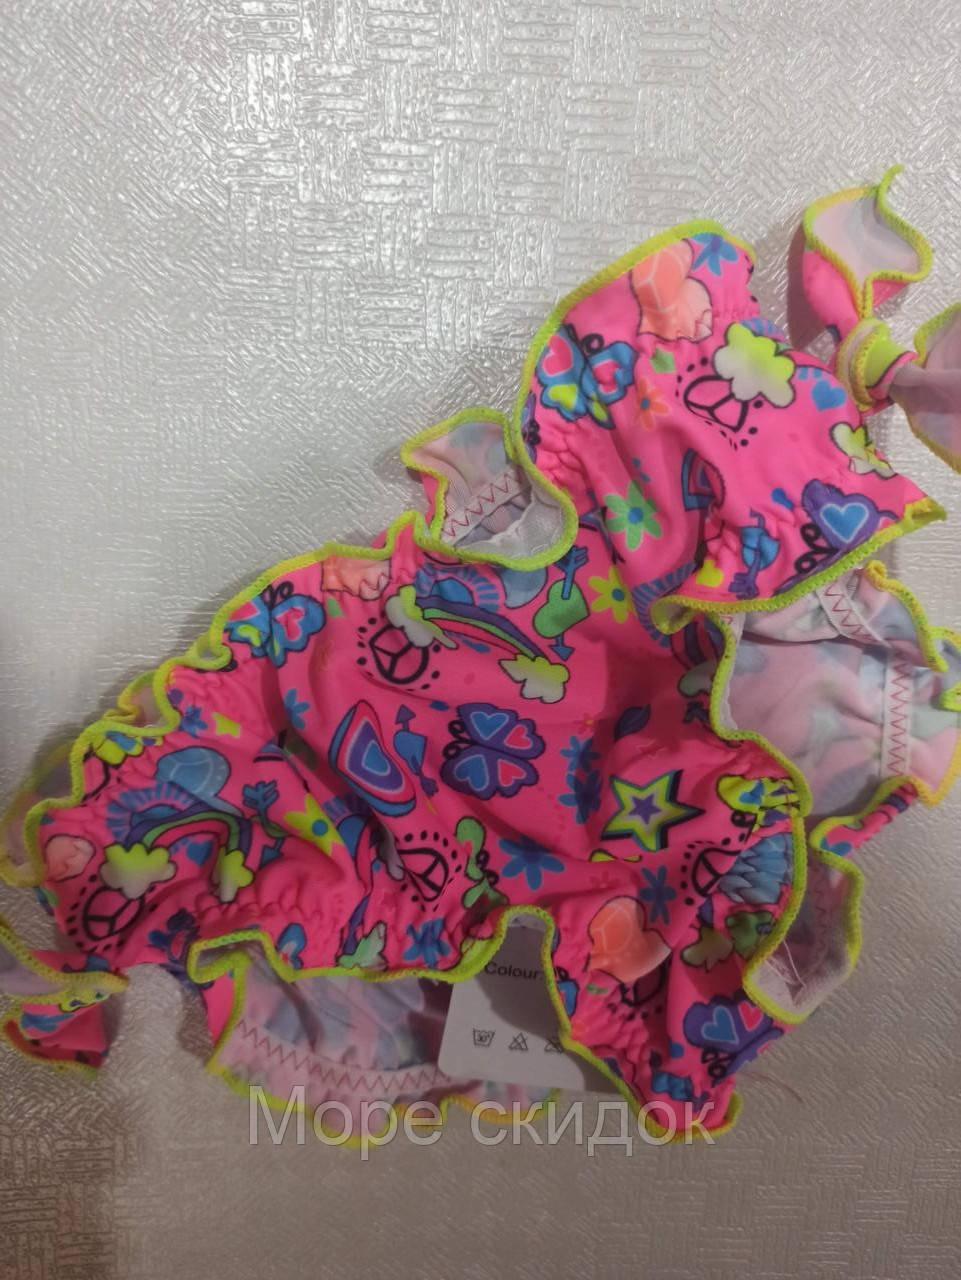 Плавки SAME GAME для девочек Дарийка 802 розовый  (в наличии  26 28 30  размеры)